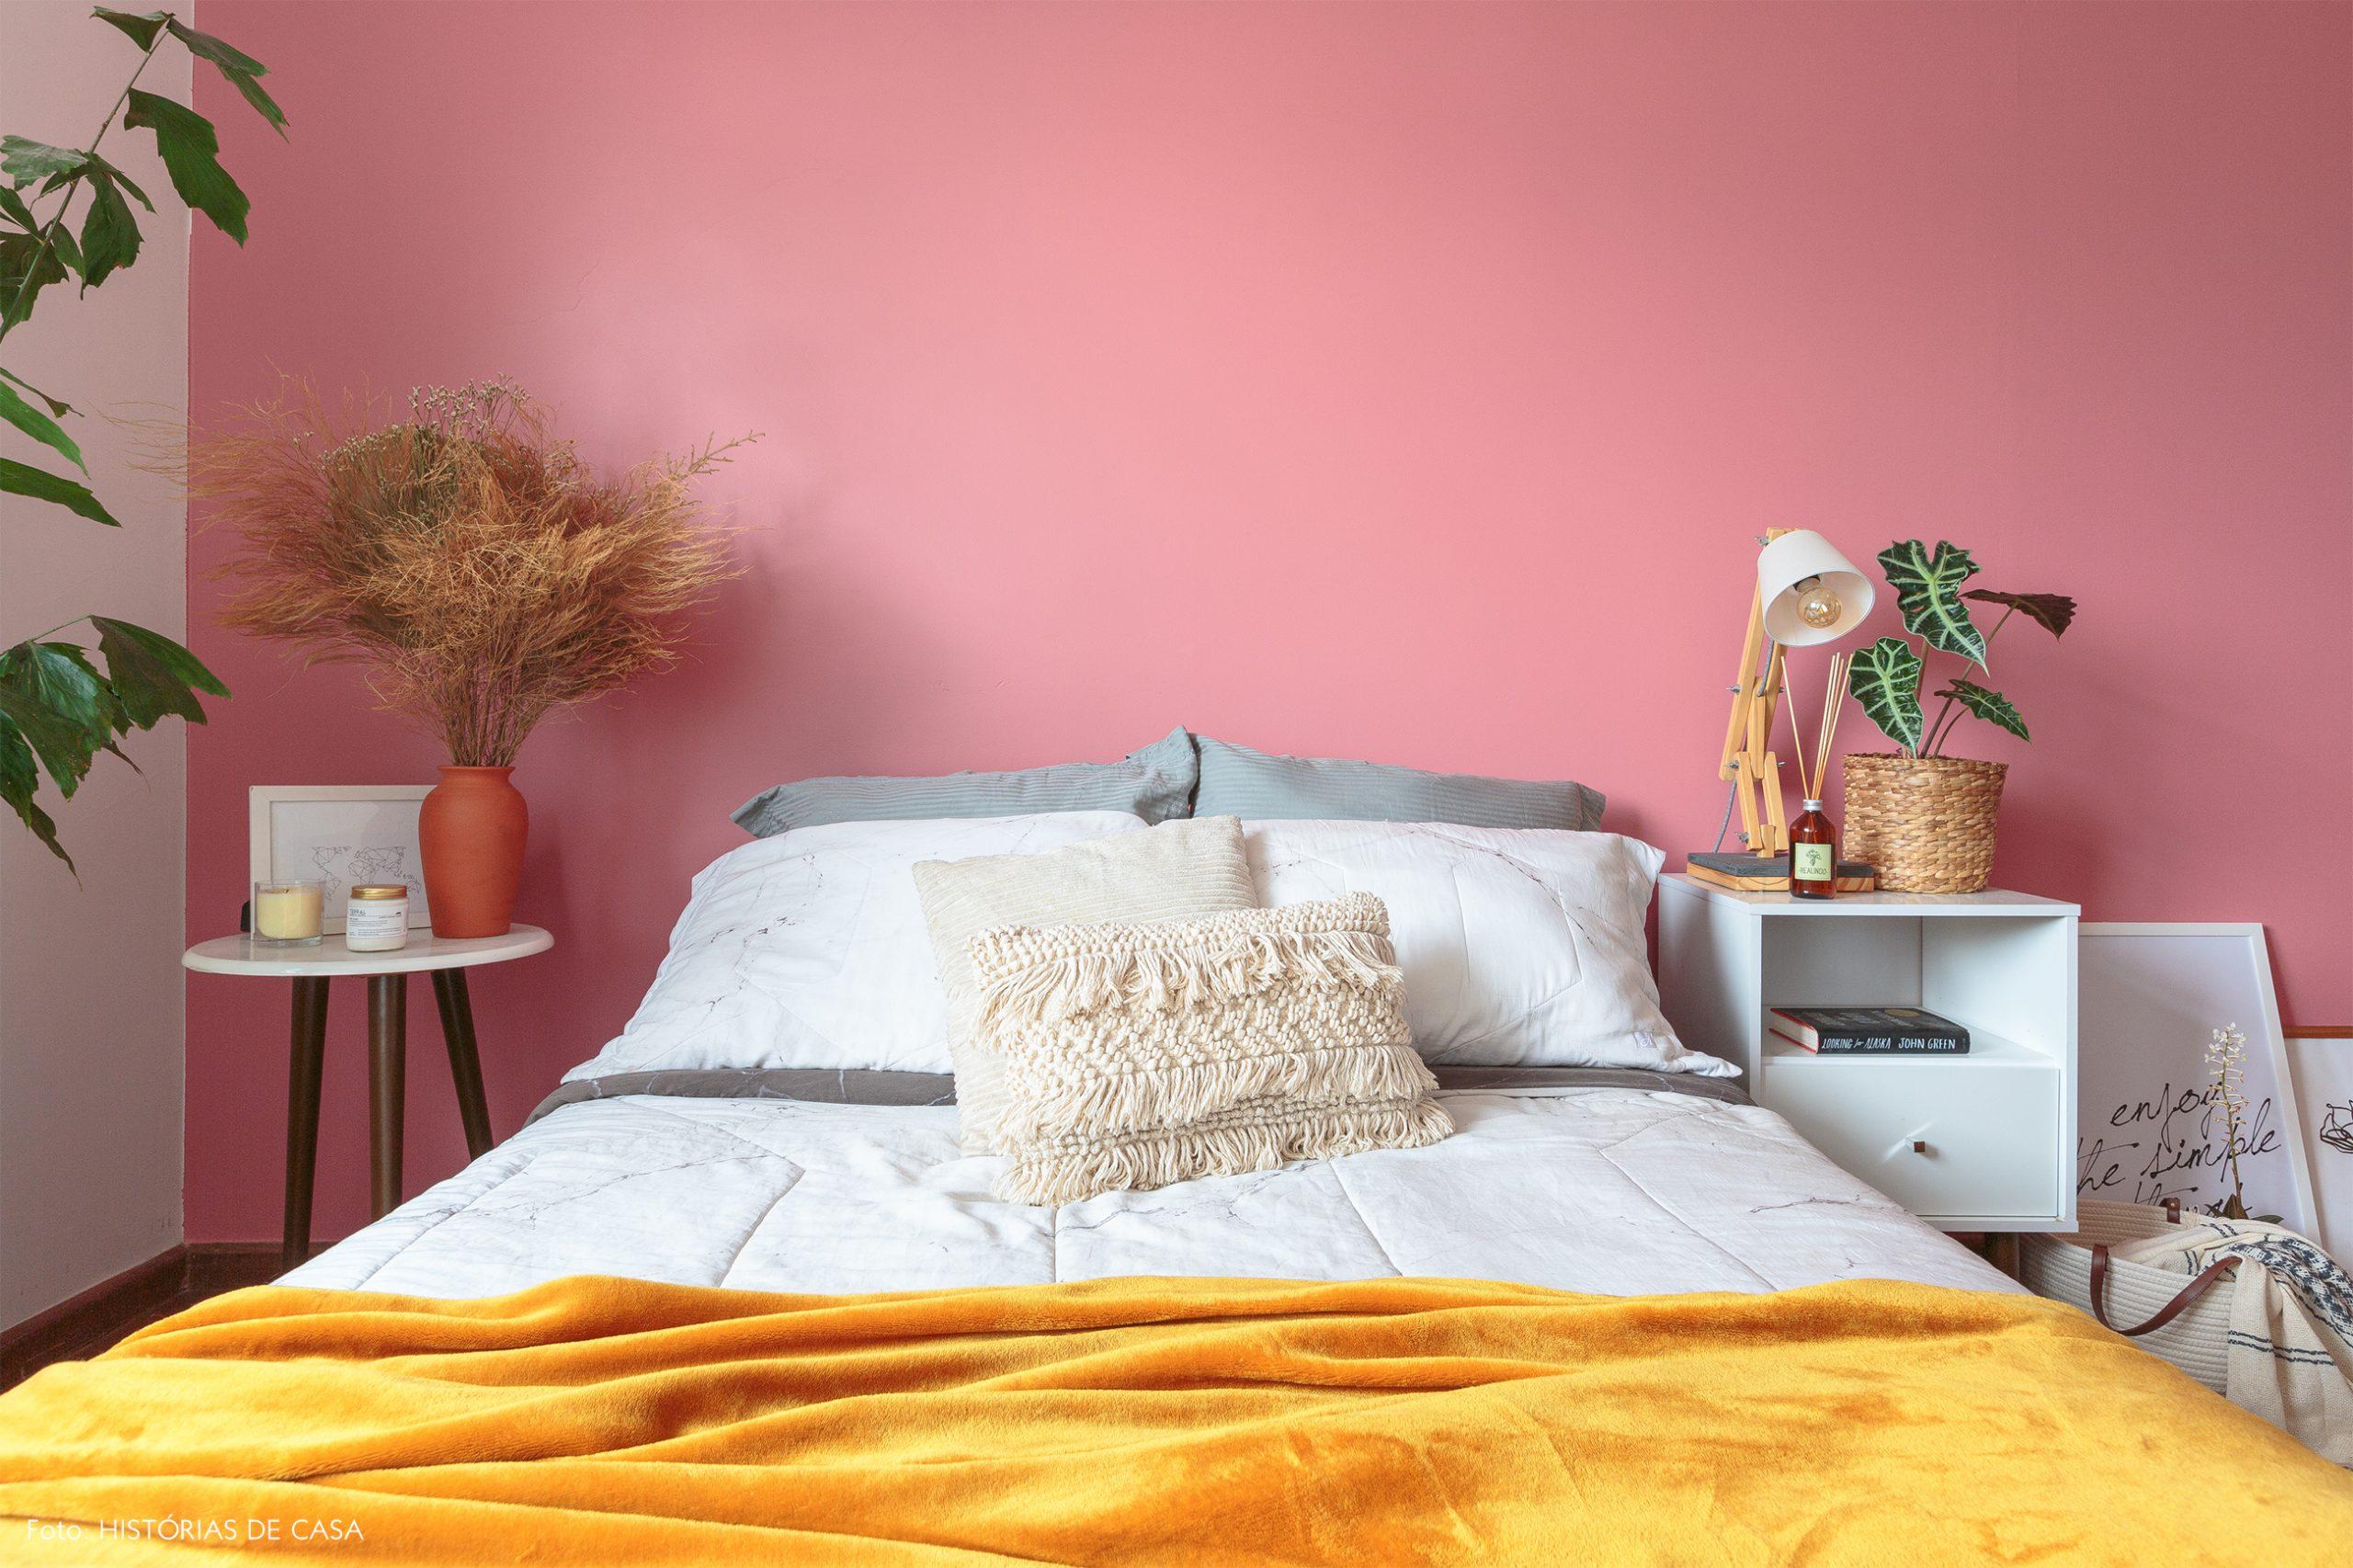 decoração quarto com parede rosa móveis brancos e cestos